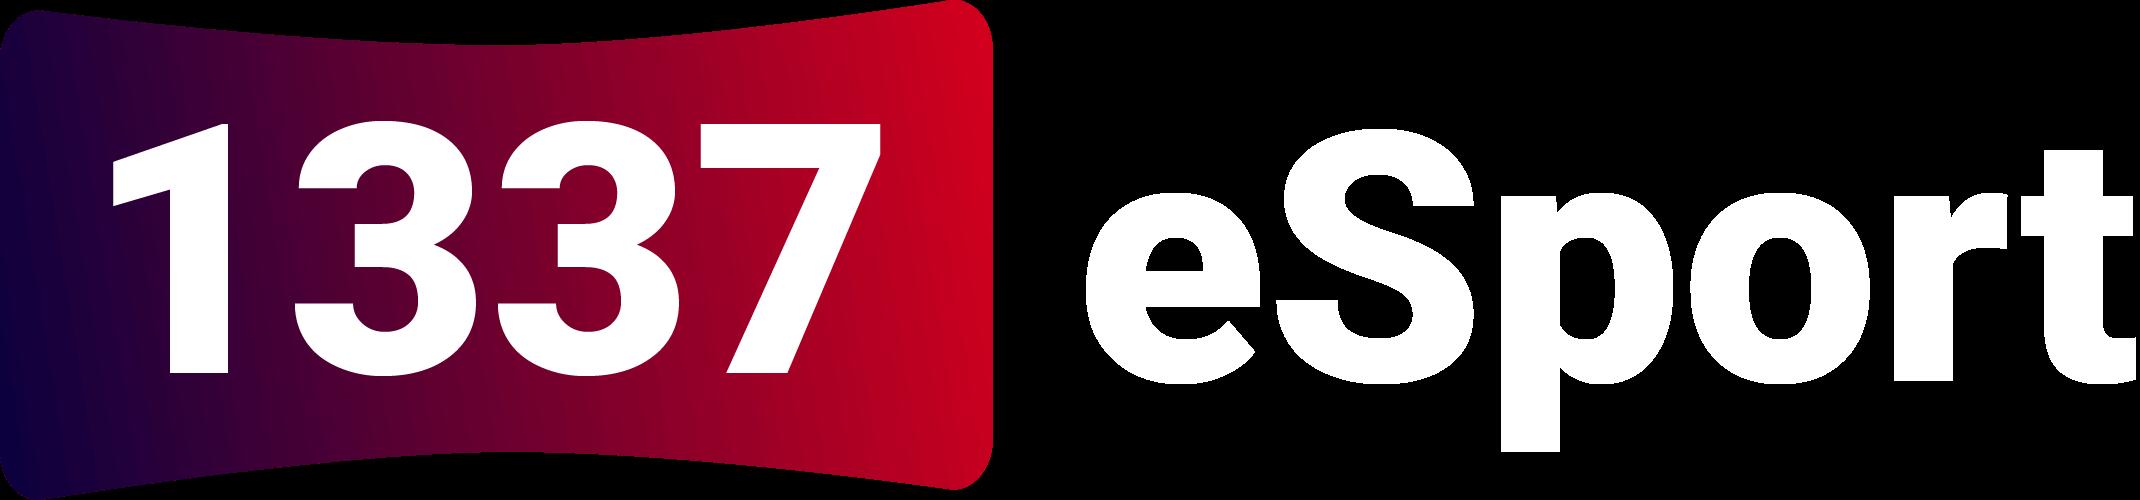 1337 eSport